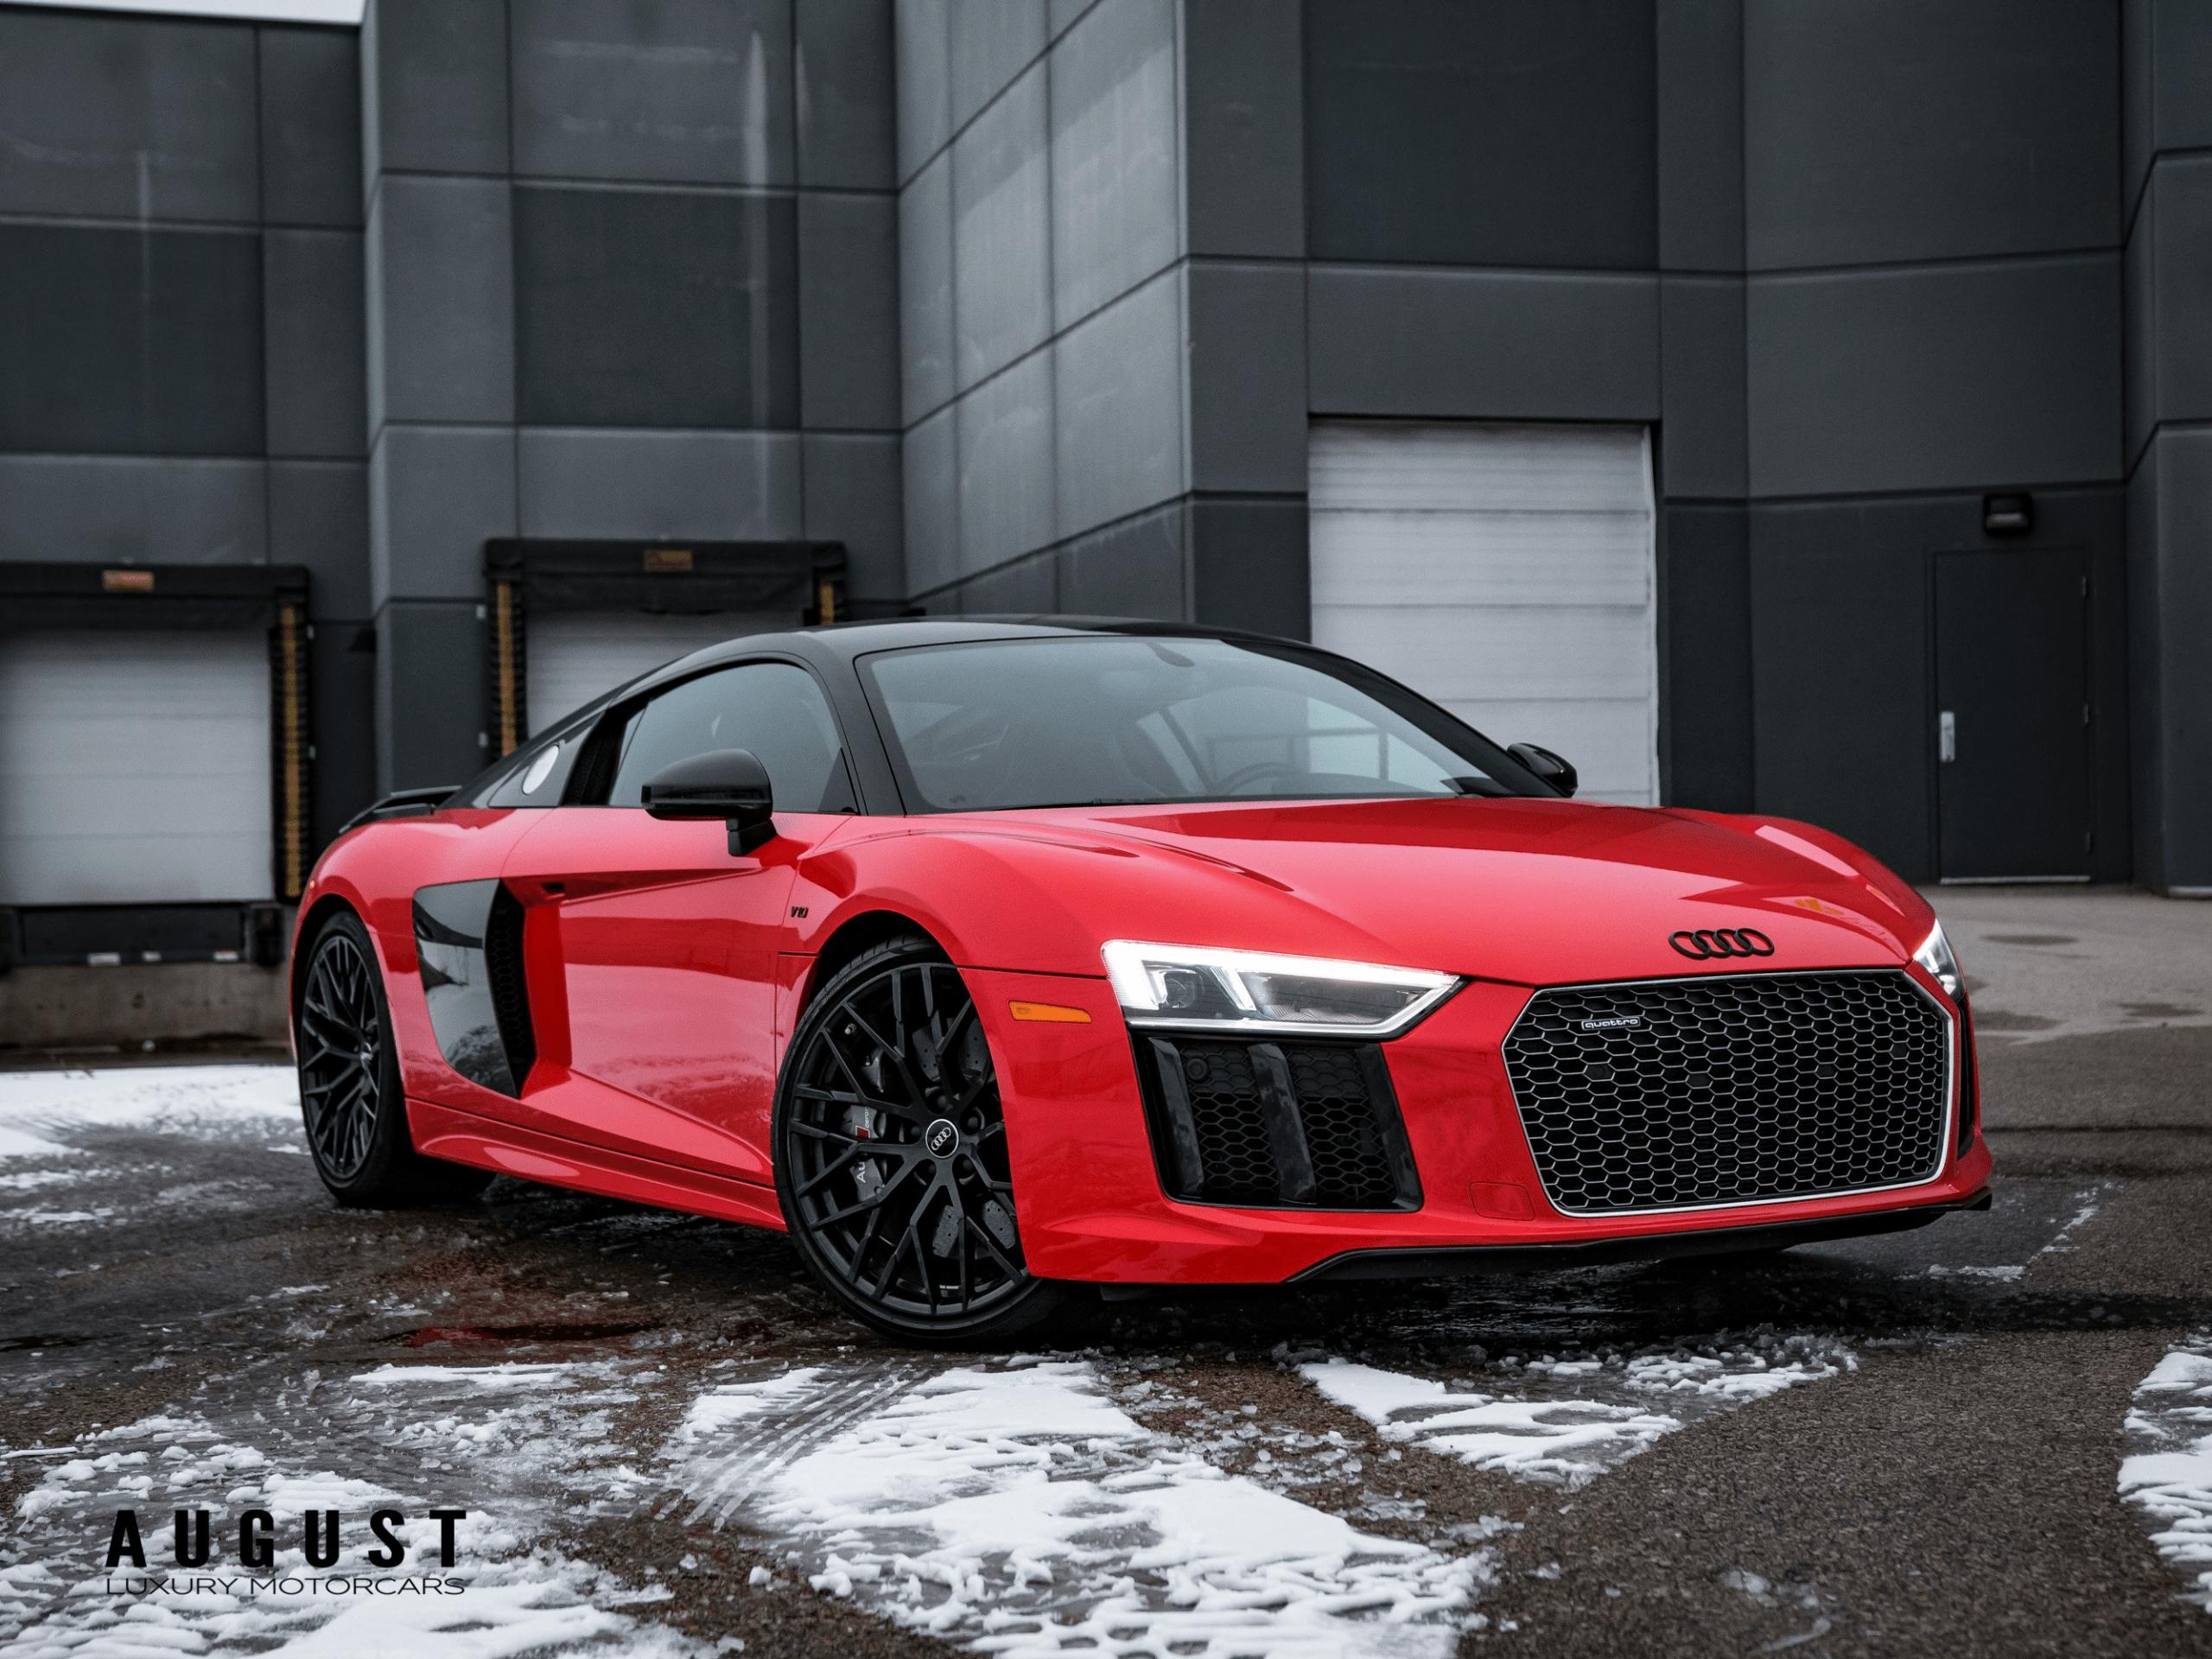 2021 Audi R8 V10 Spyder Review In 2020 Audi R8 V10 Audi R8 Audi